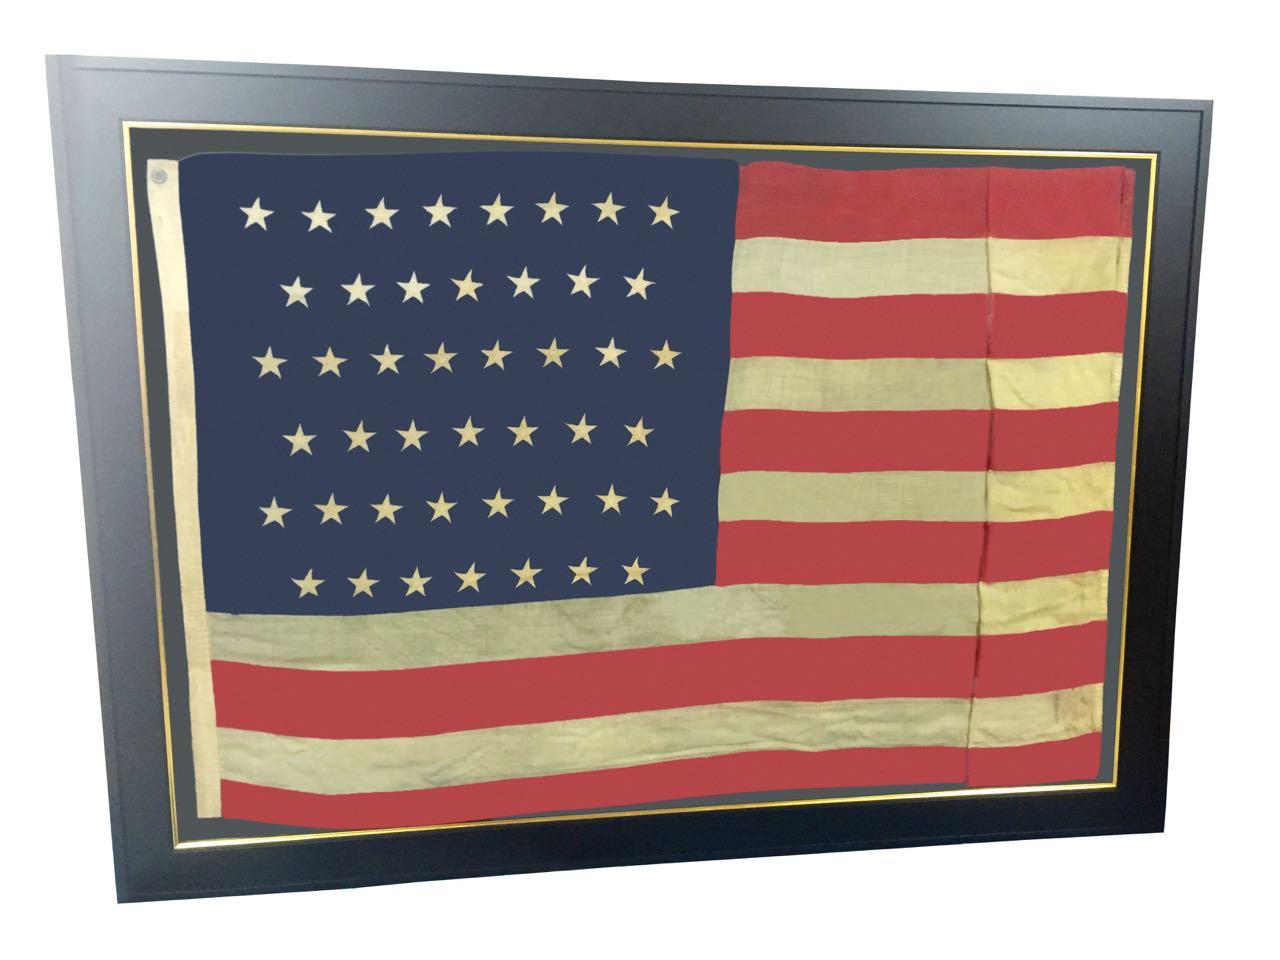 LARGE 45 STAR FRAMED FLAG